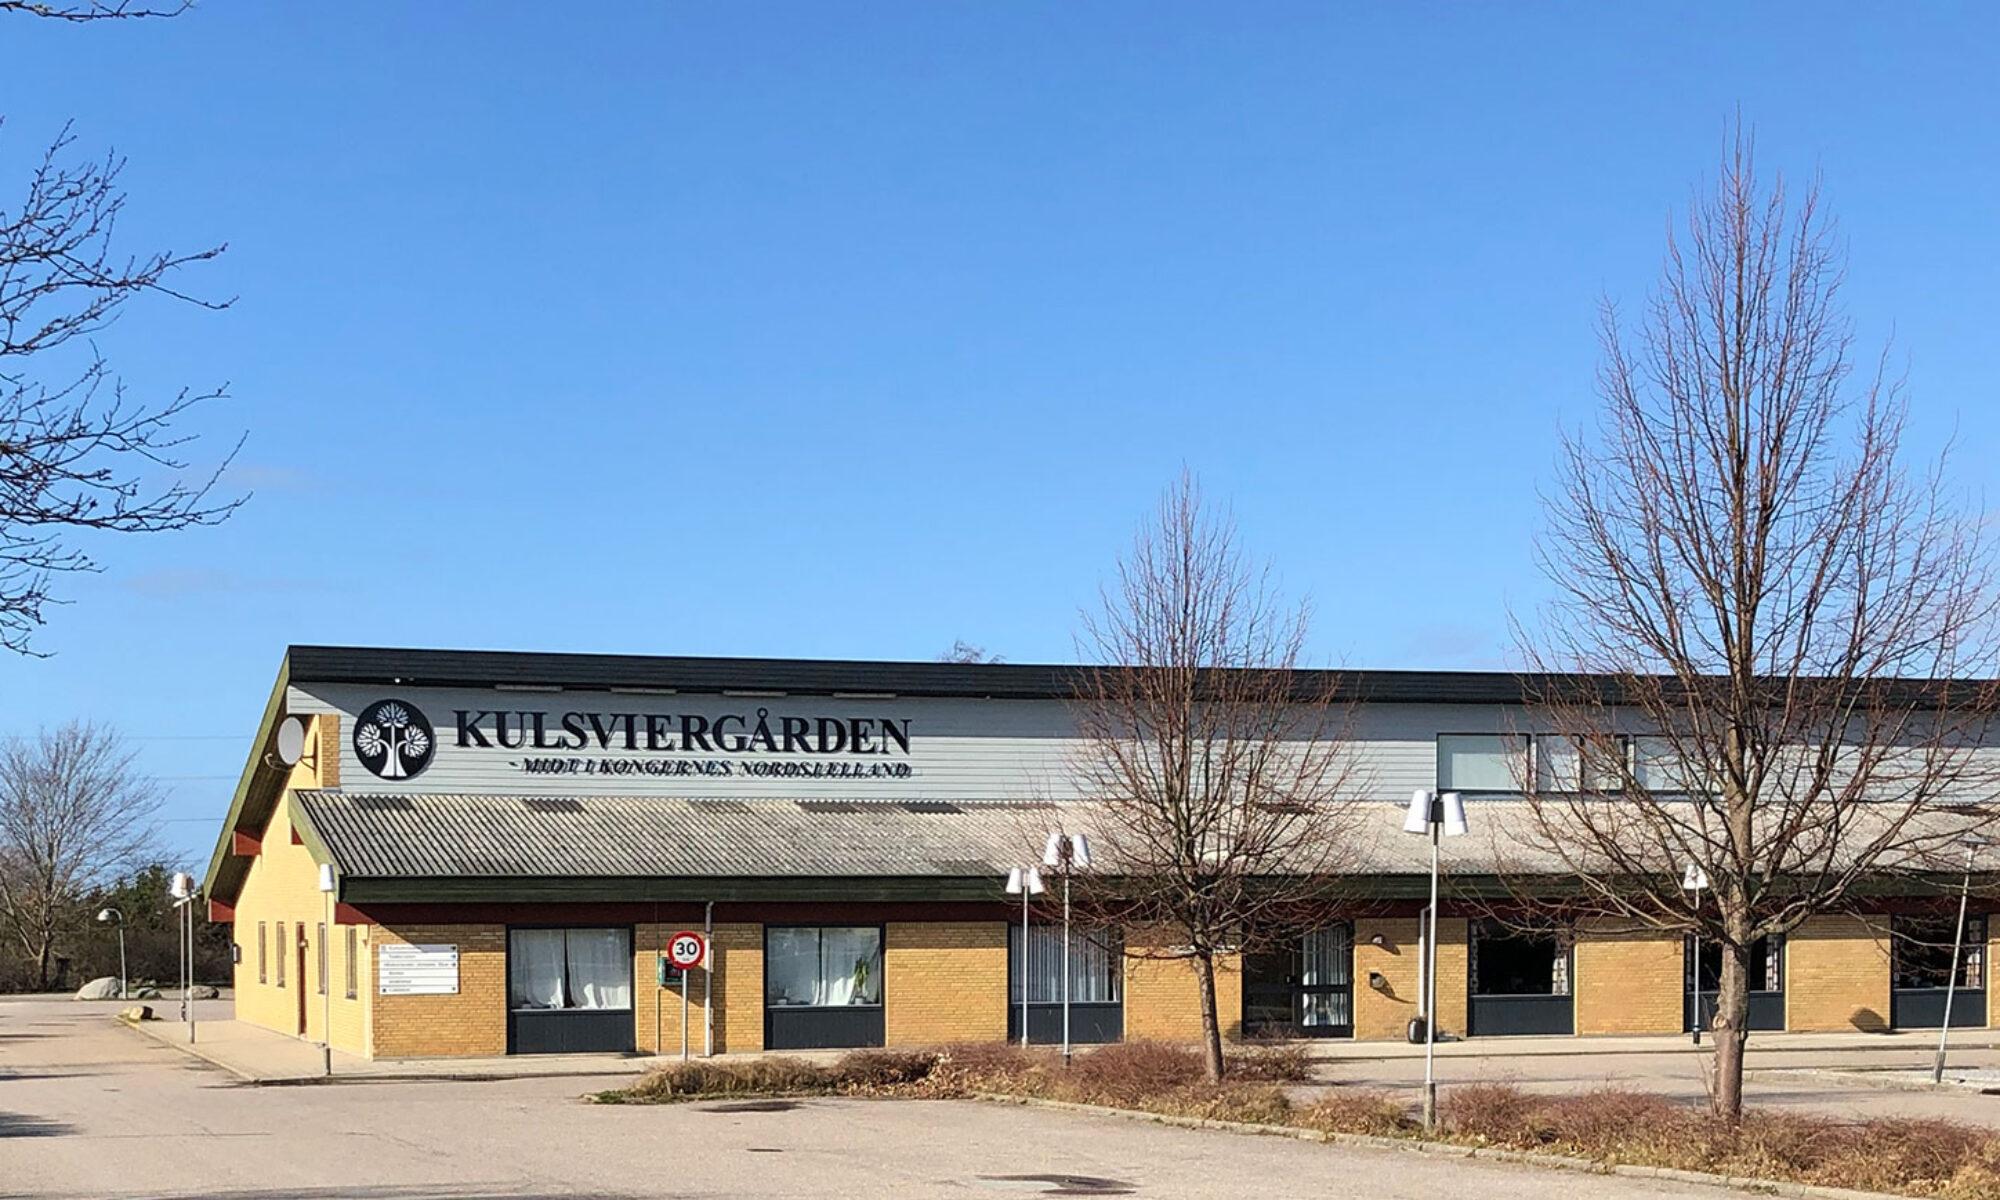 Kulsviergården